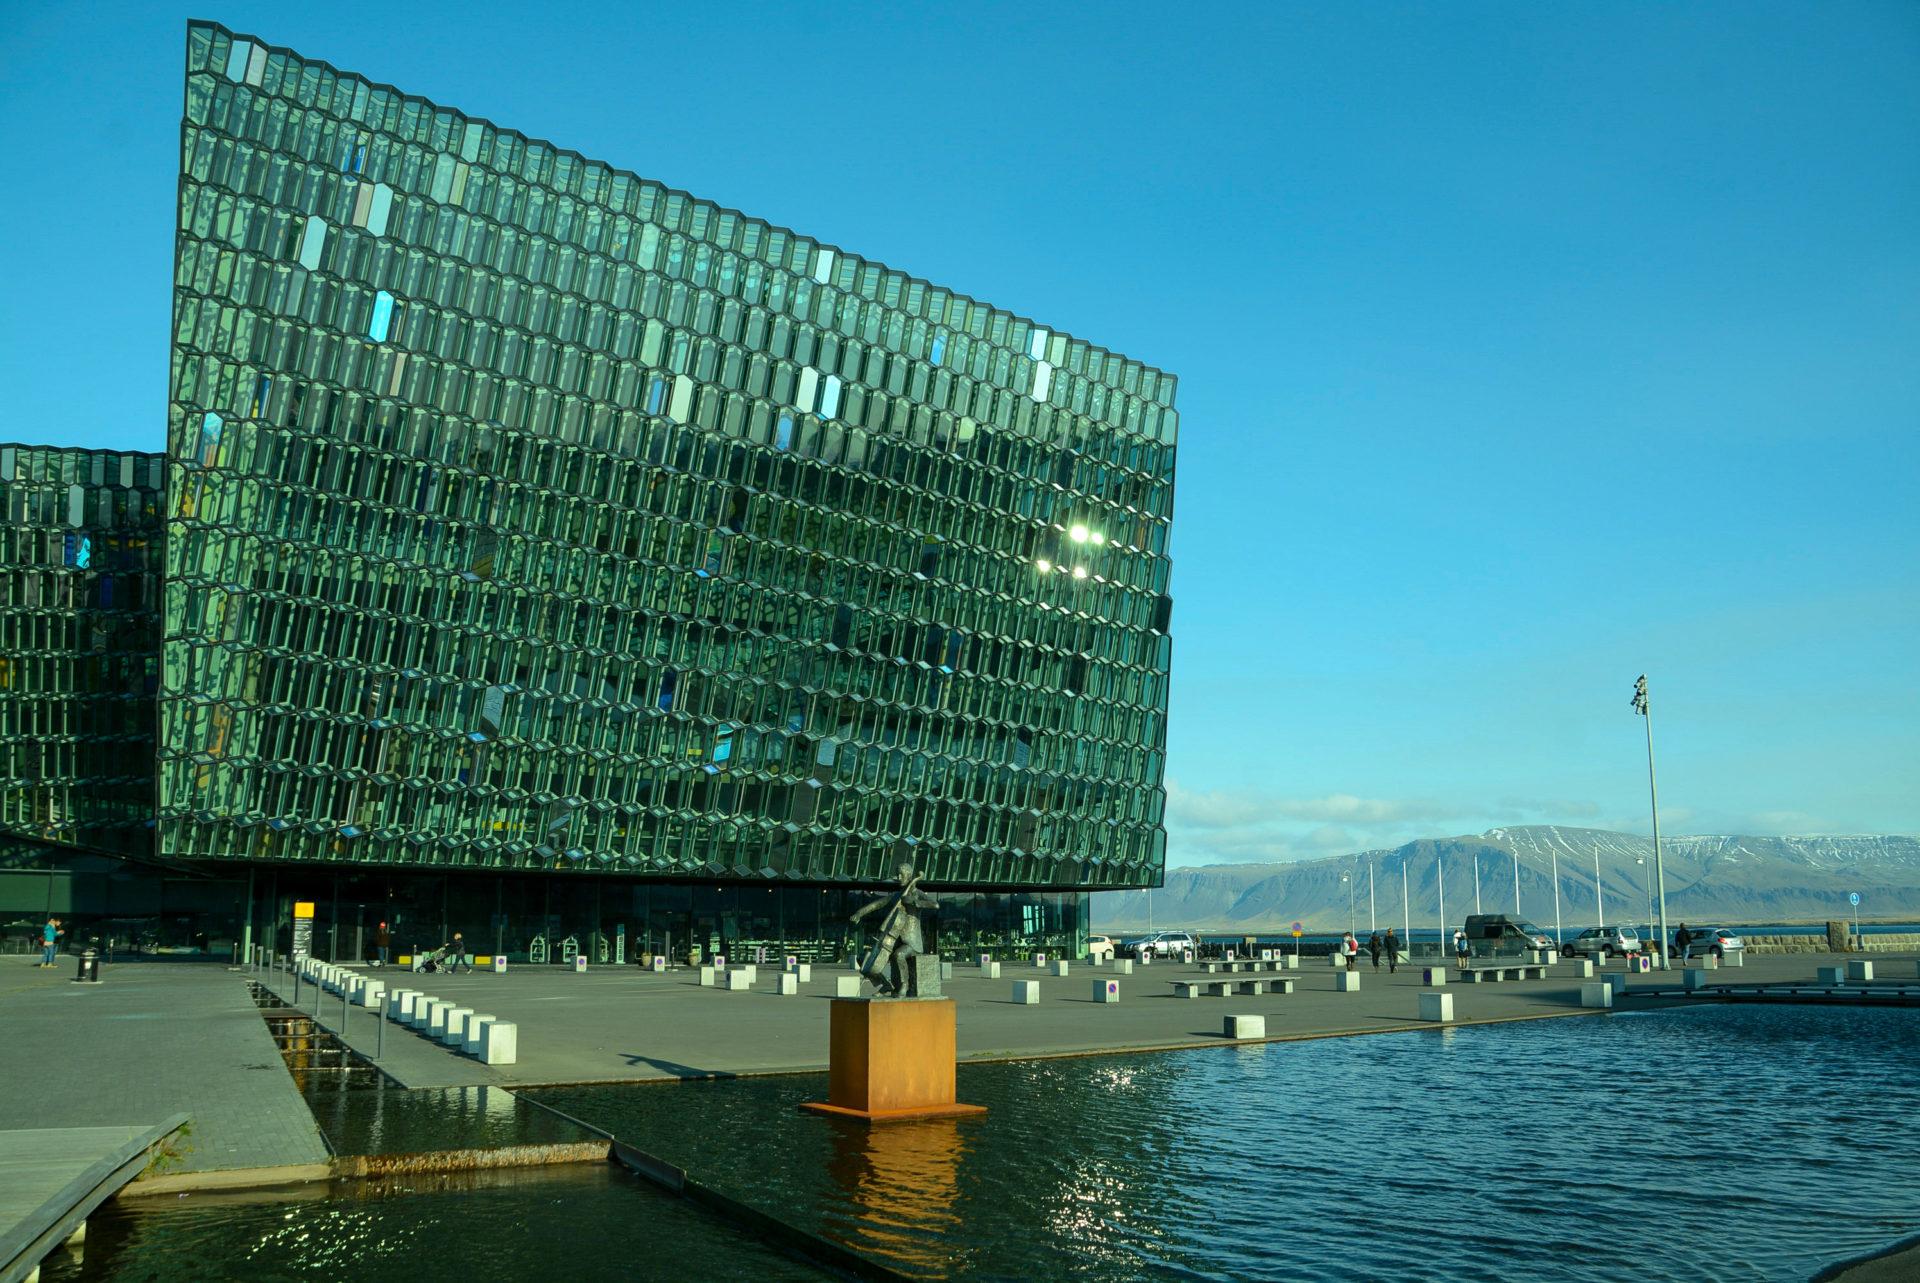 Die Oper Harpa in Reykjavik mit einer Fassade von Olufur Eliasson